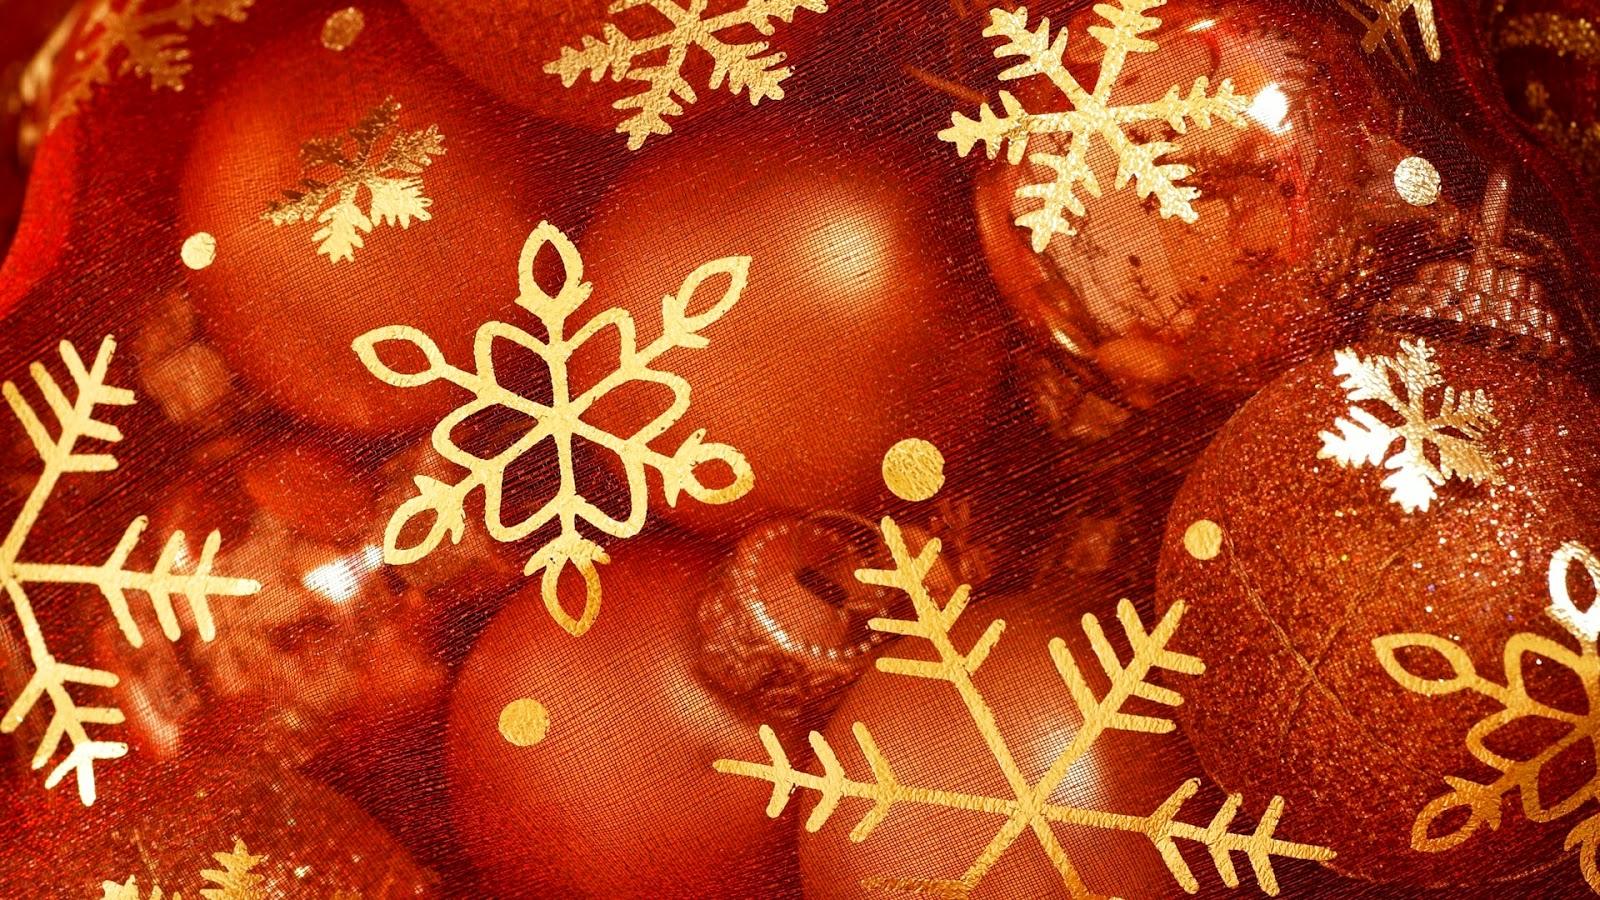 Fondos Verdes De Navidad Para Pantalla Hd 2 Hd Wallpapers: Imagenes Y Wallpapers: Fondo De Pantalla Navidad Copos De